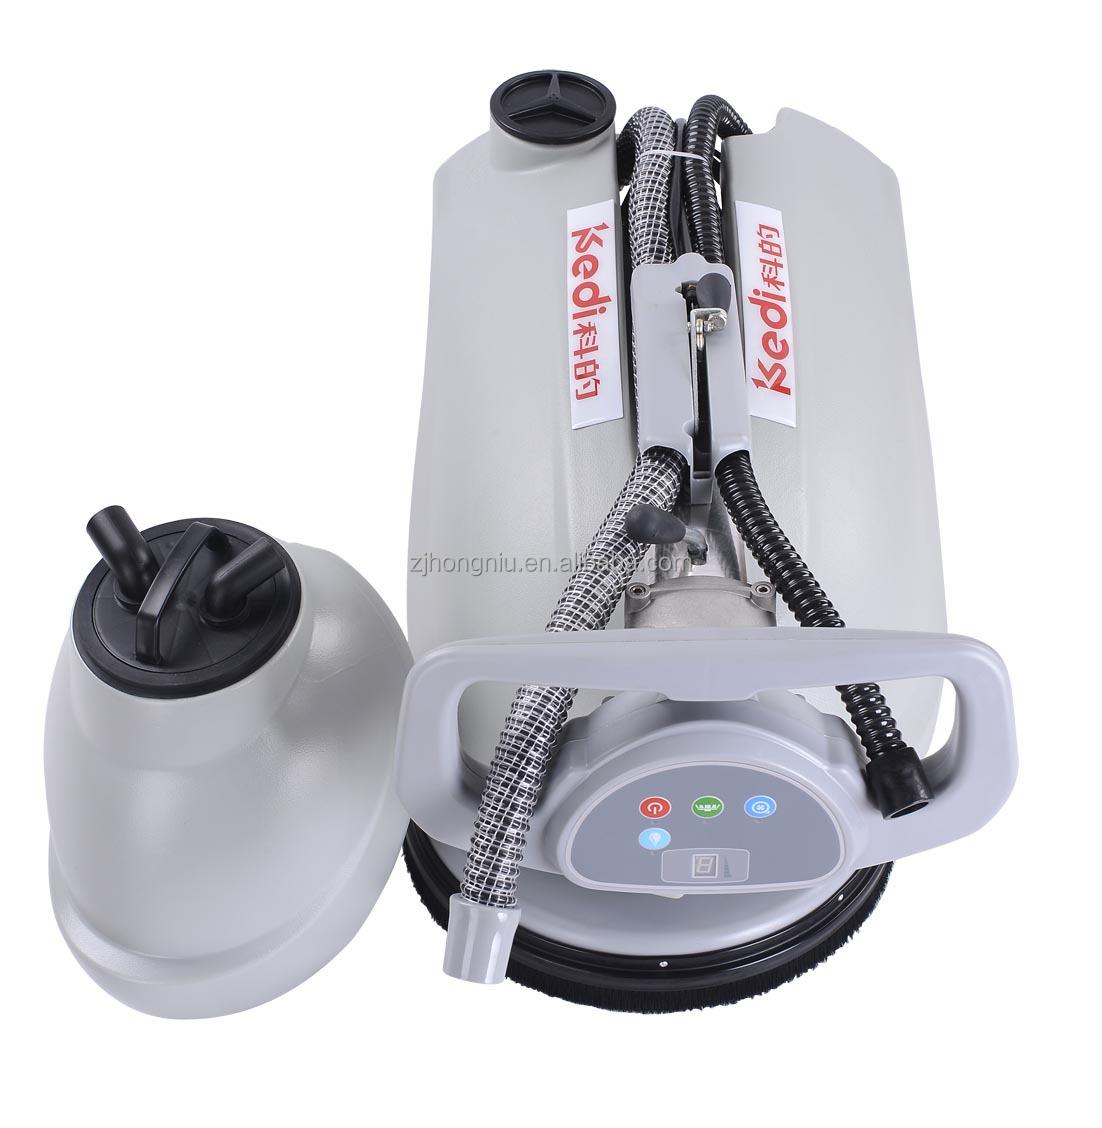 Kitchen Floor Scrubber House Cleaning Machine Buy Floor Scrubber Dryerscrubbing